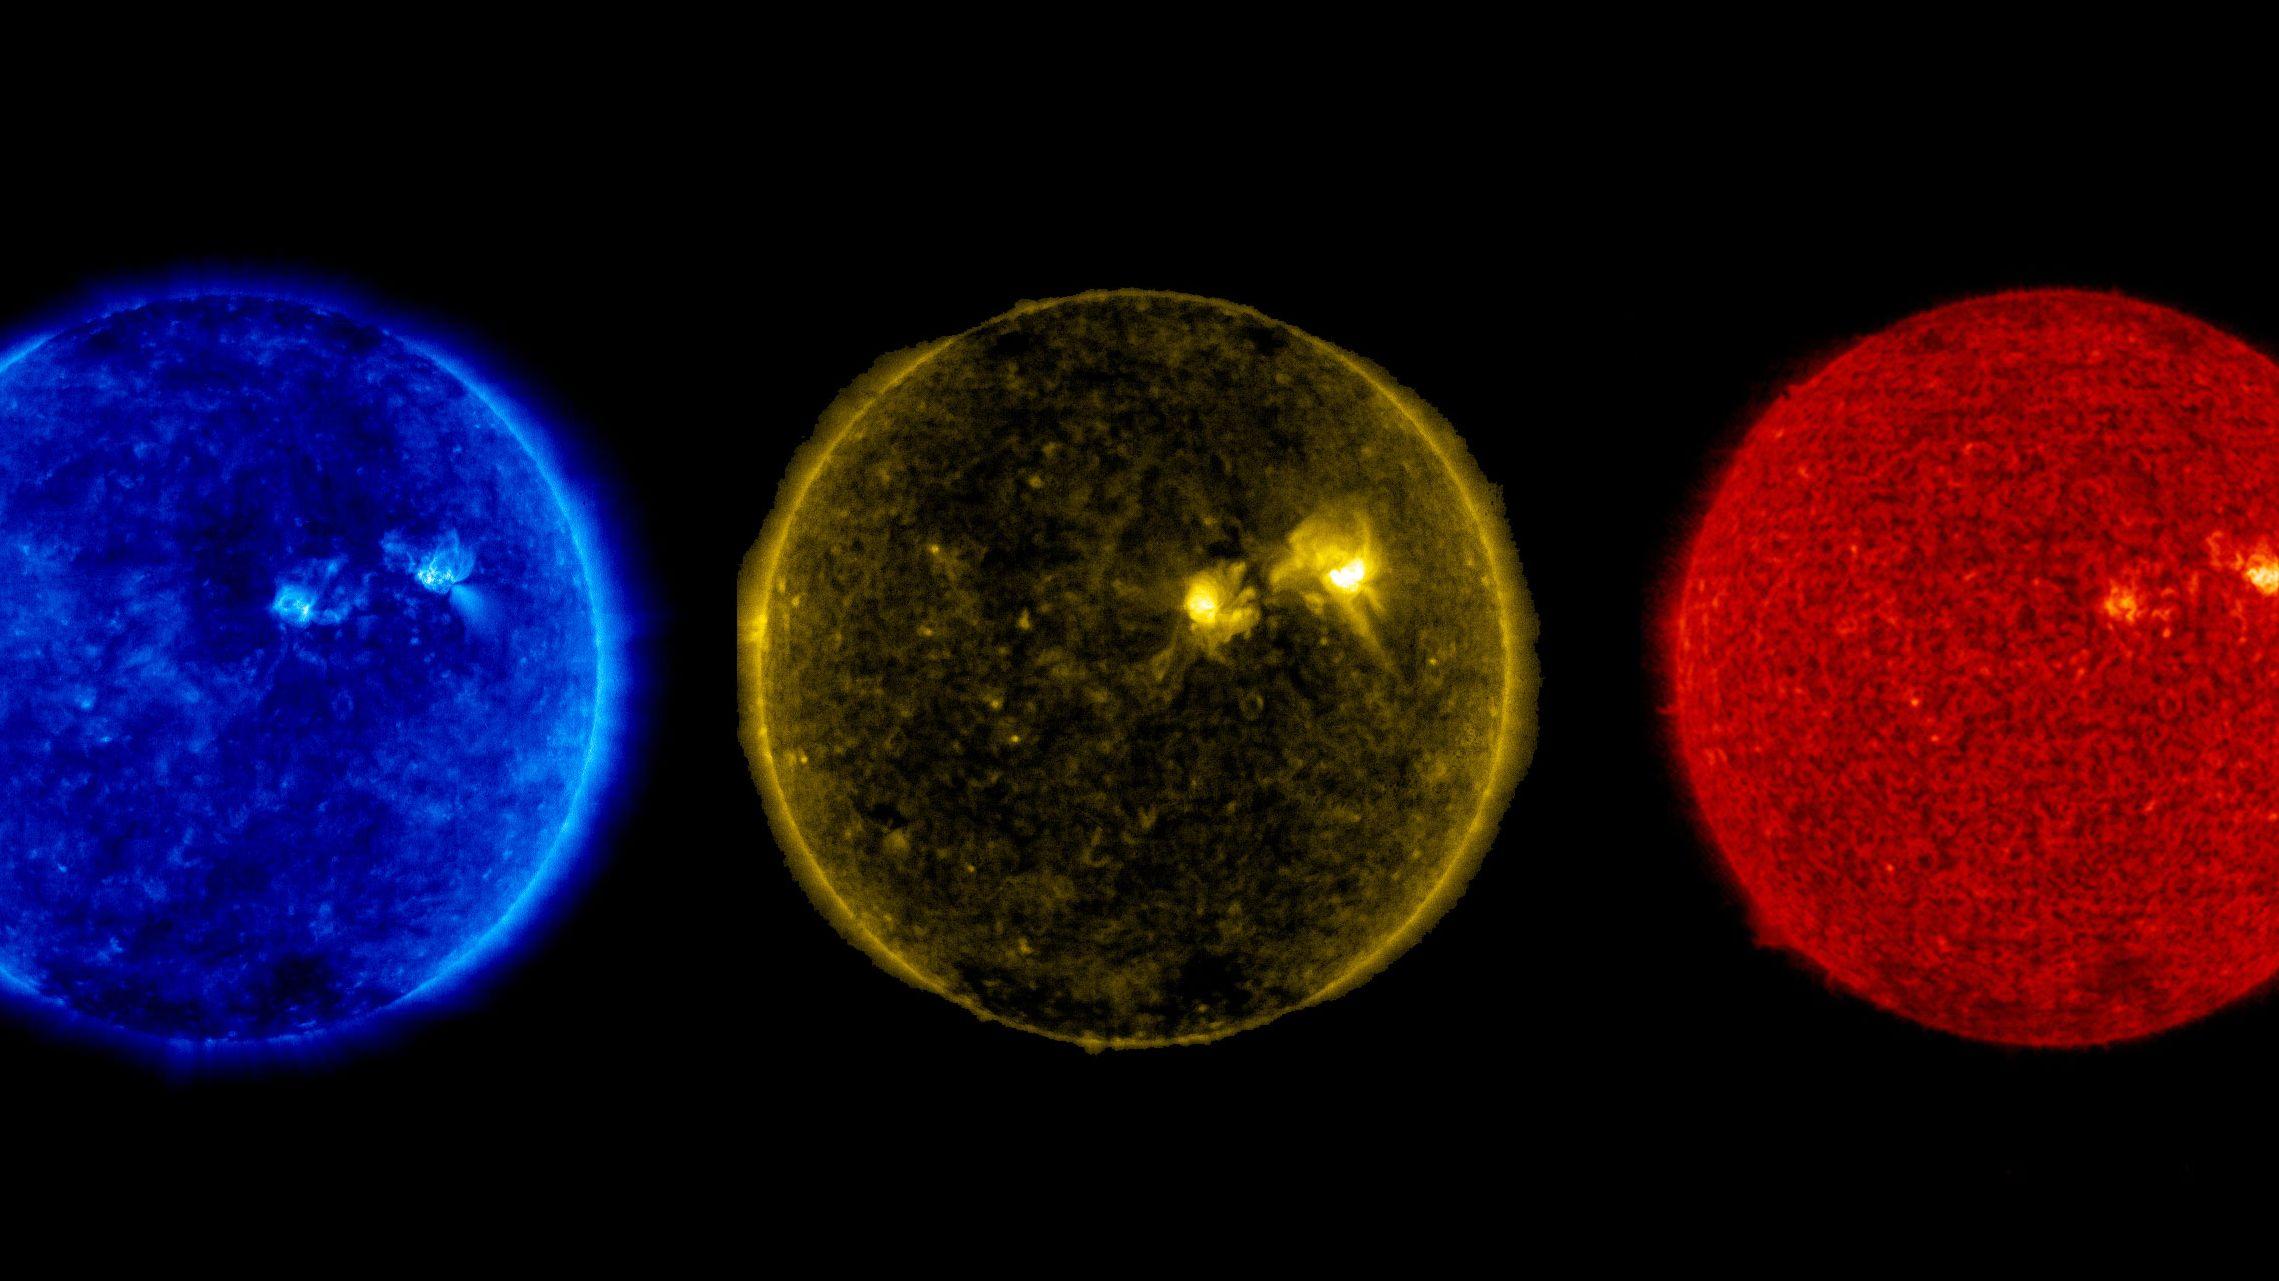 「太陽嵐」の脅威に備えよ、 ESAが計画する 宇宙天気観測ミッション